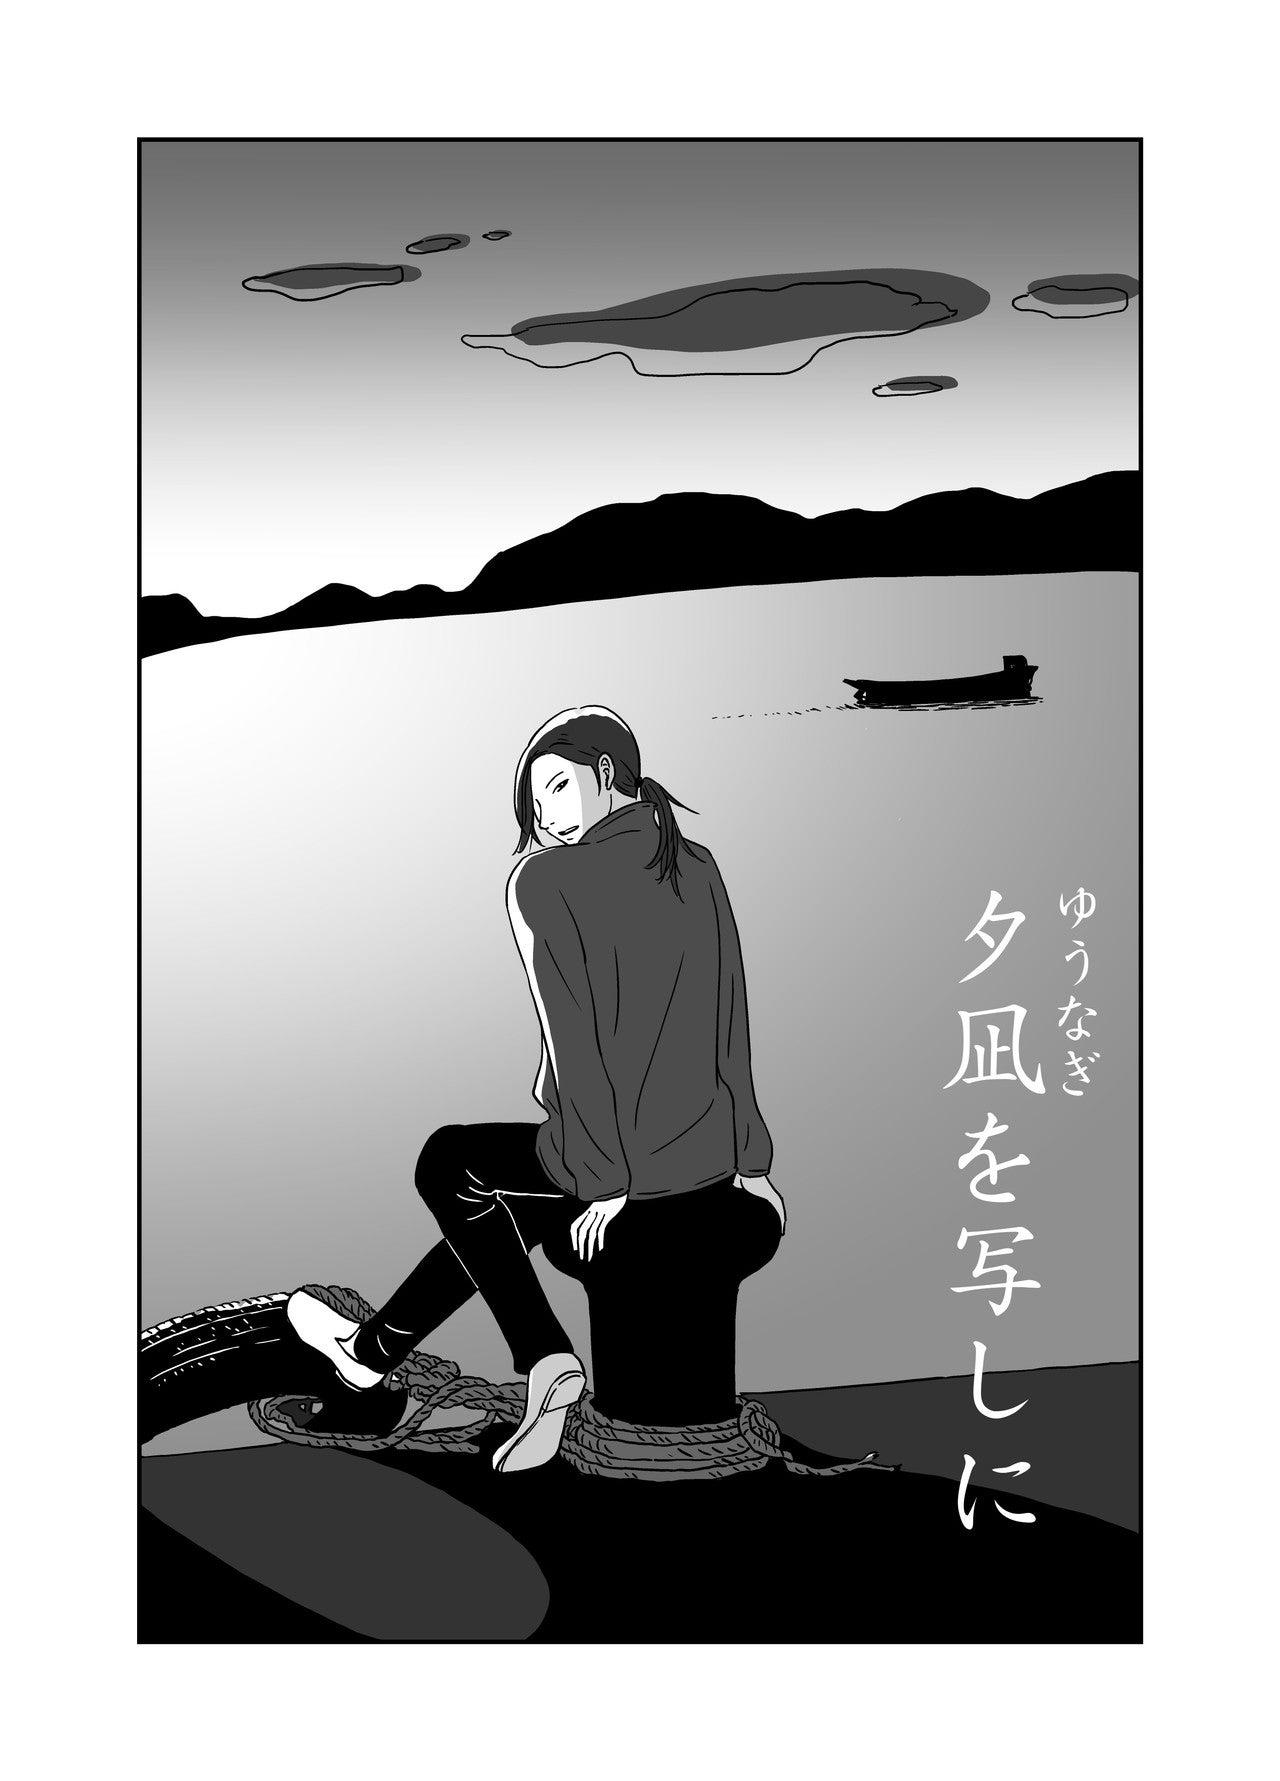 夕凪を写しに_001